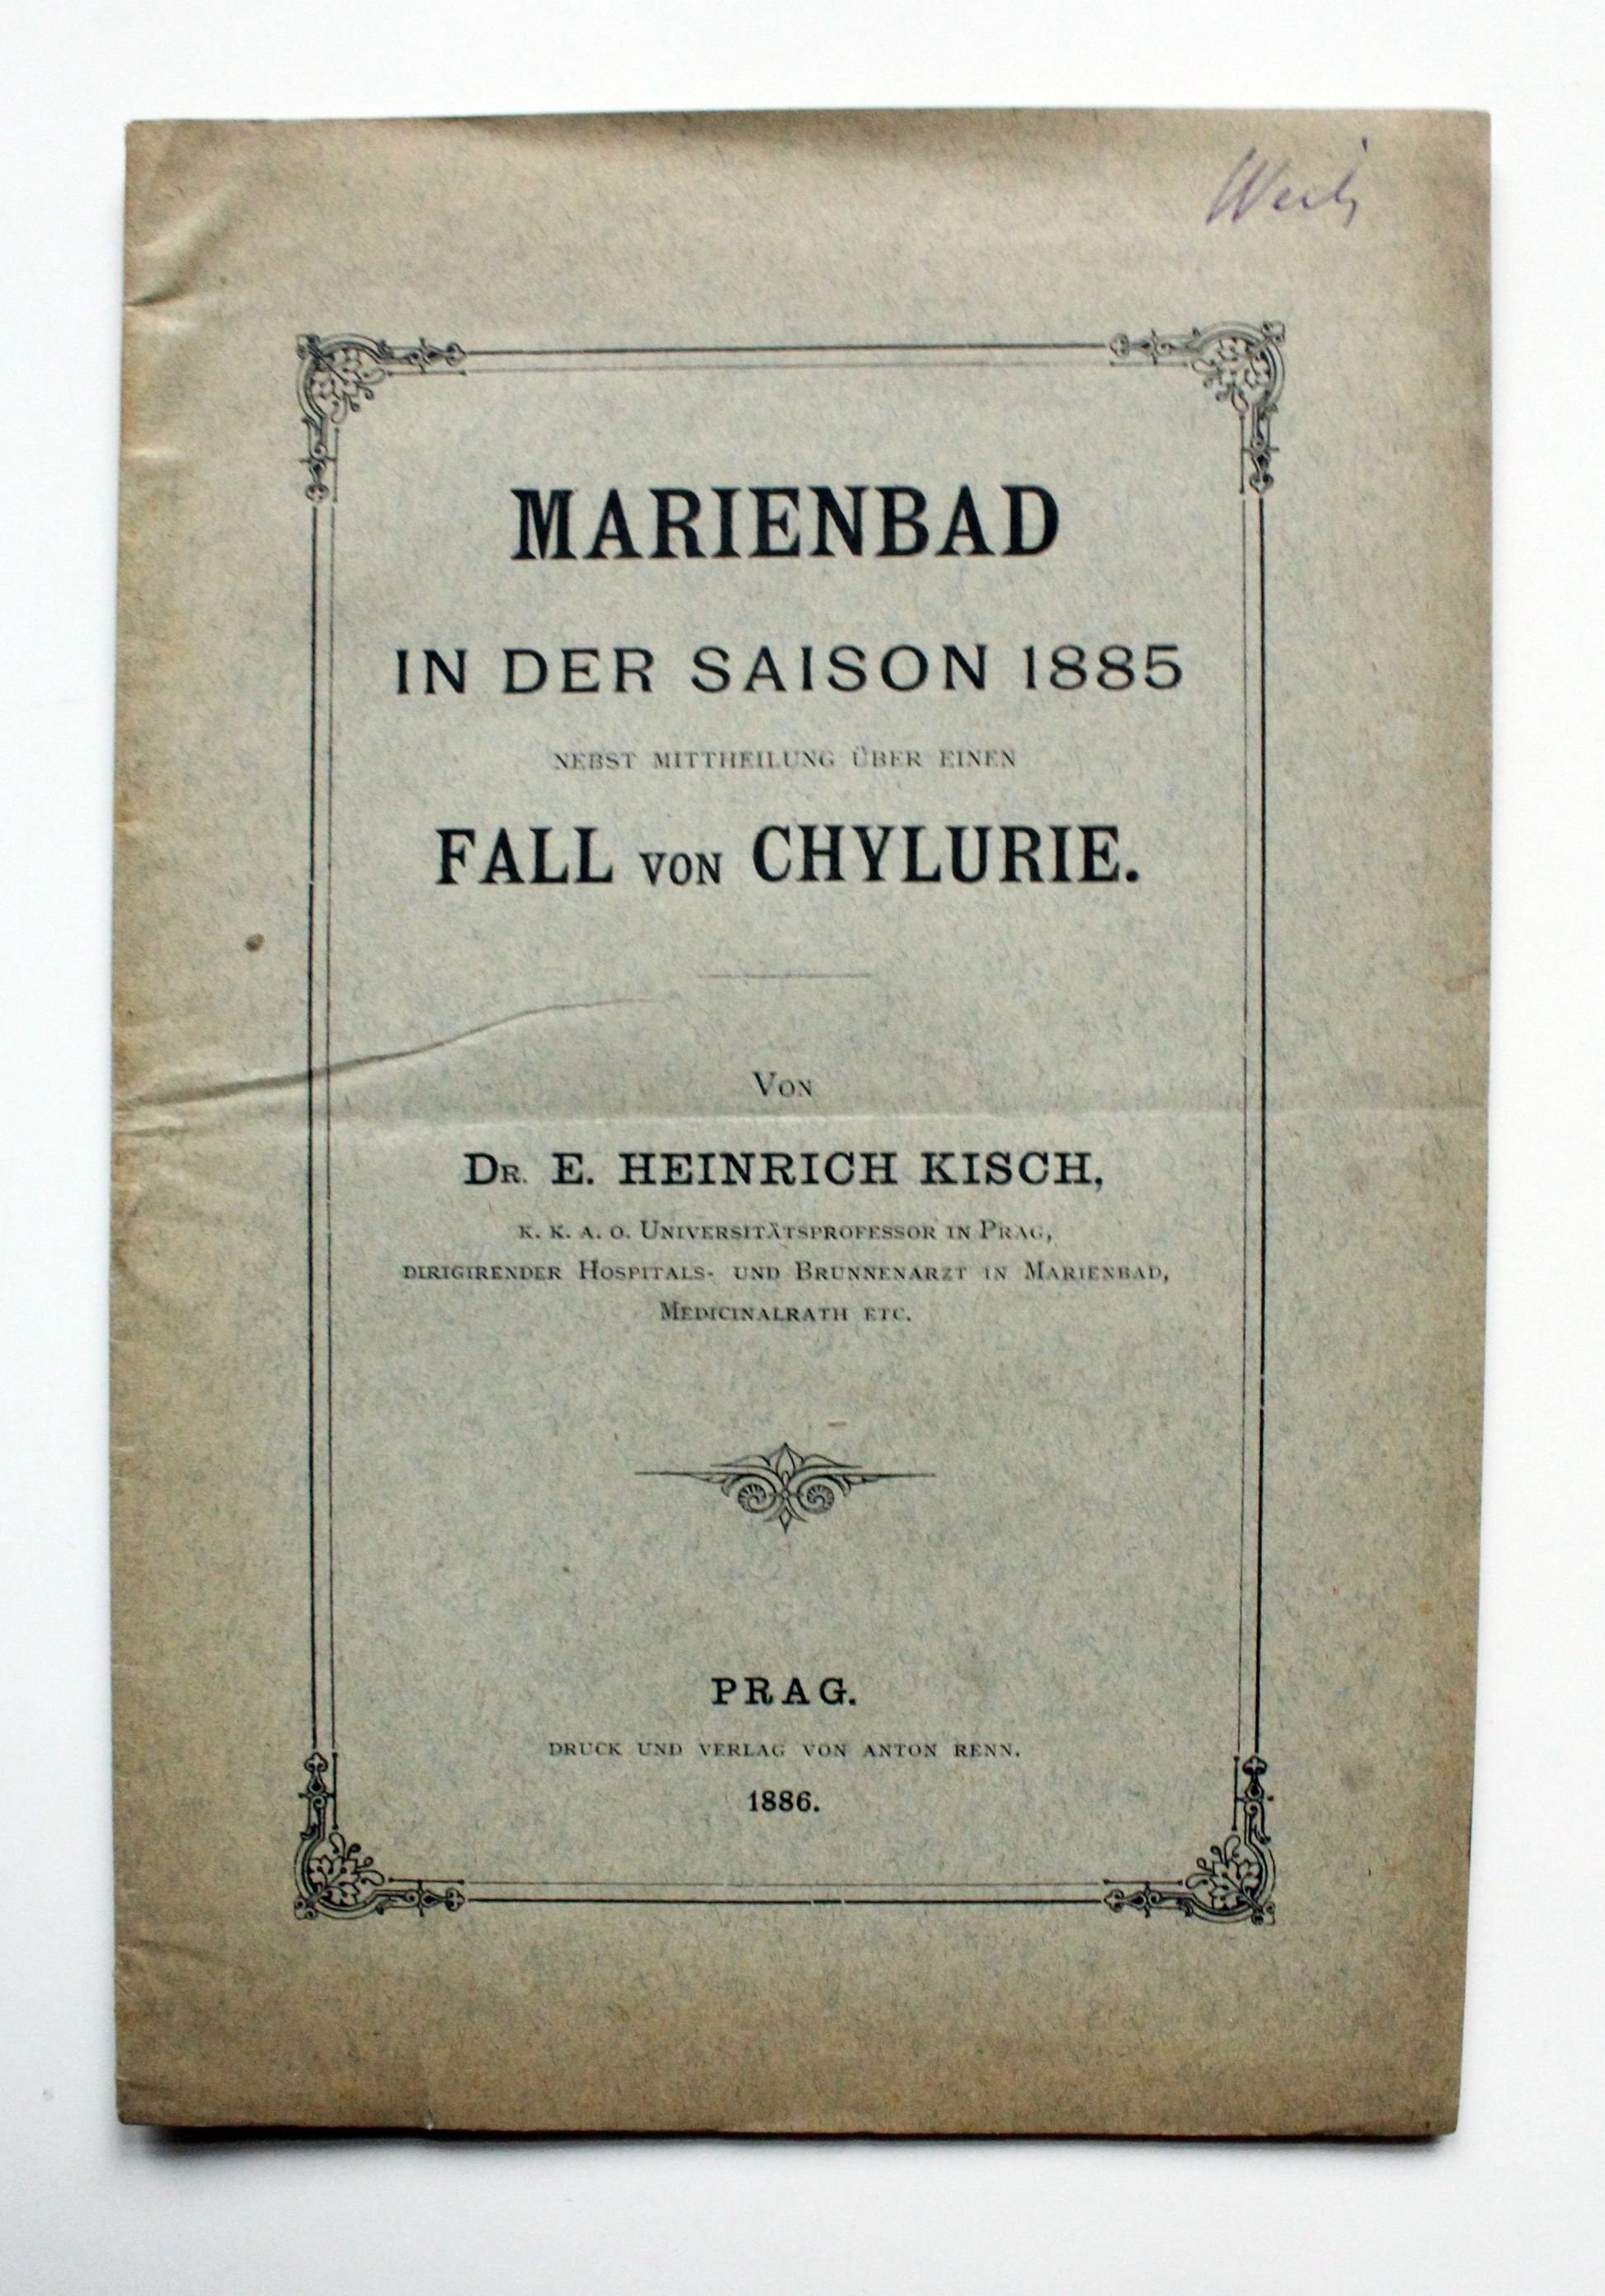 Marienbad in der Saison 1885 nebst Mitteilung: Kisch, Heinrich